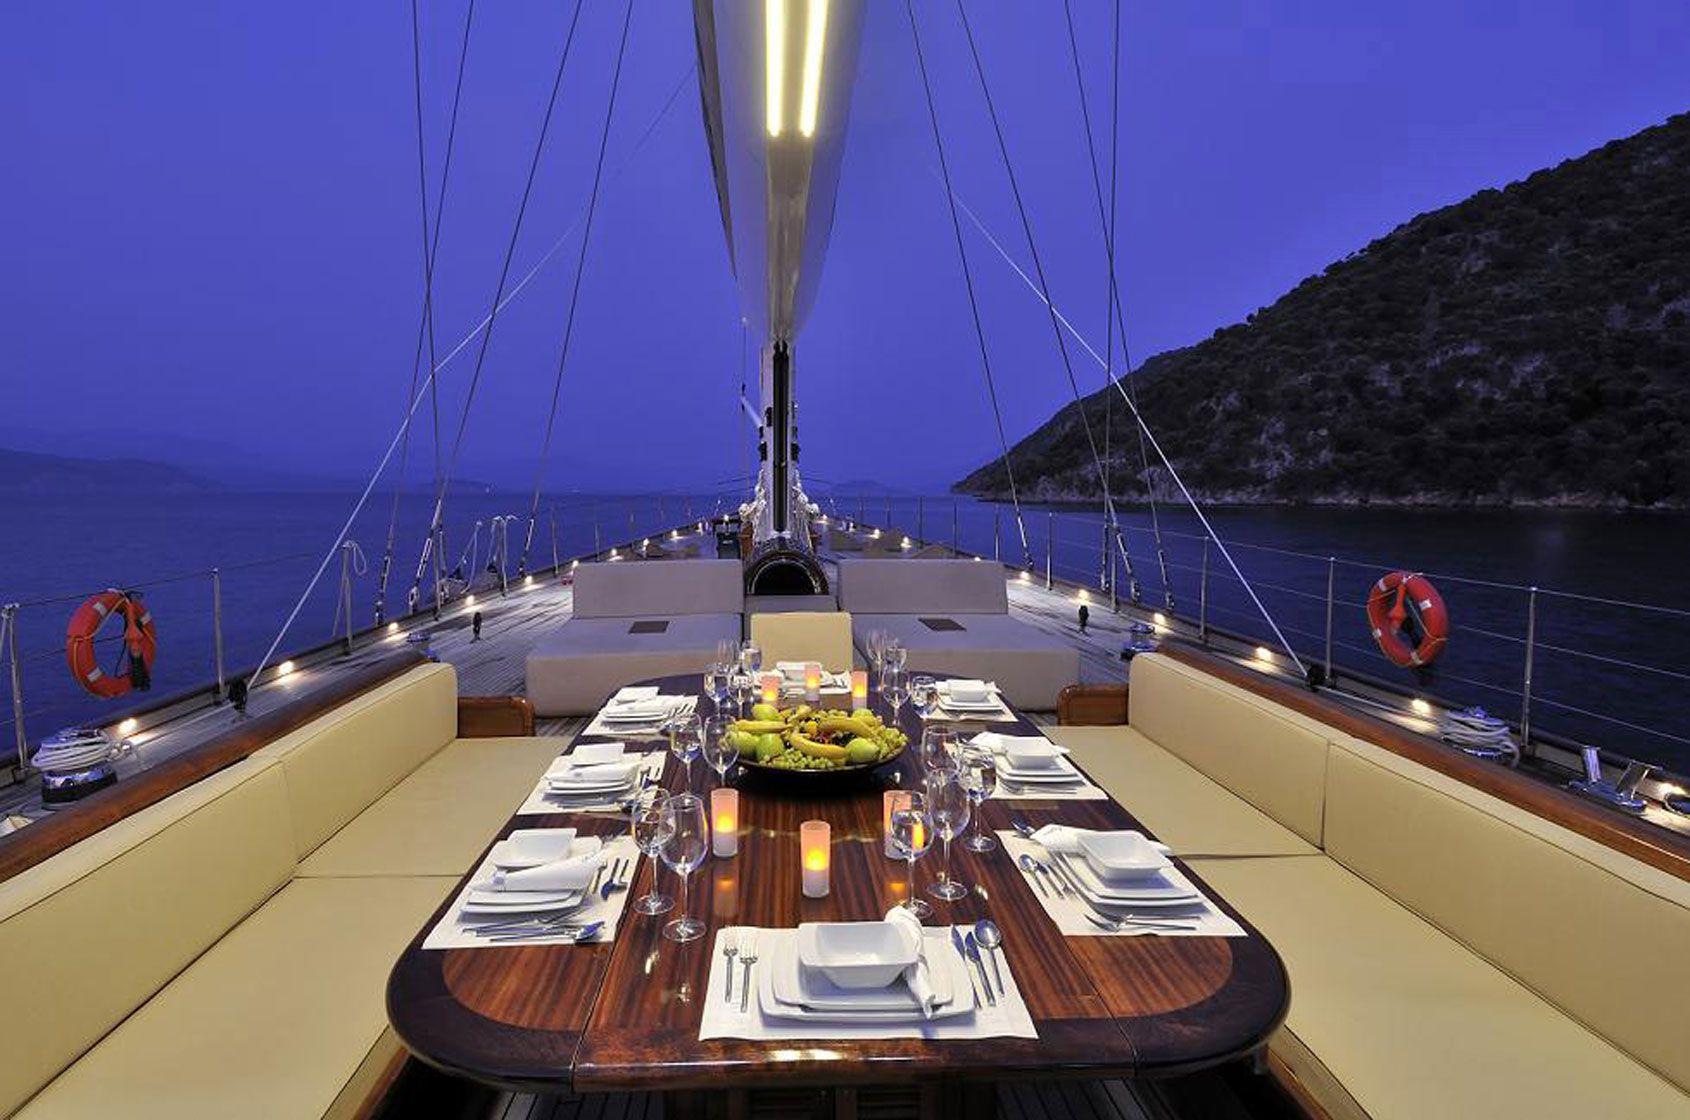 Auf dieser Yacht schipperte 007 Daniel Craig mit seinem Bond-Girl.